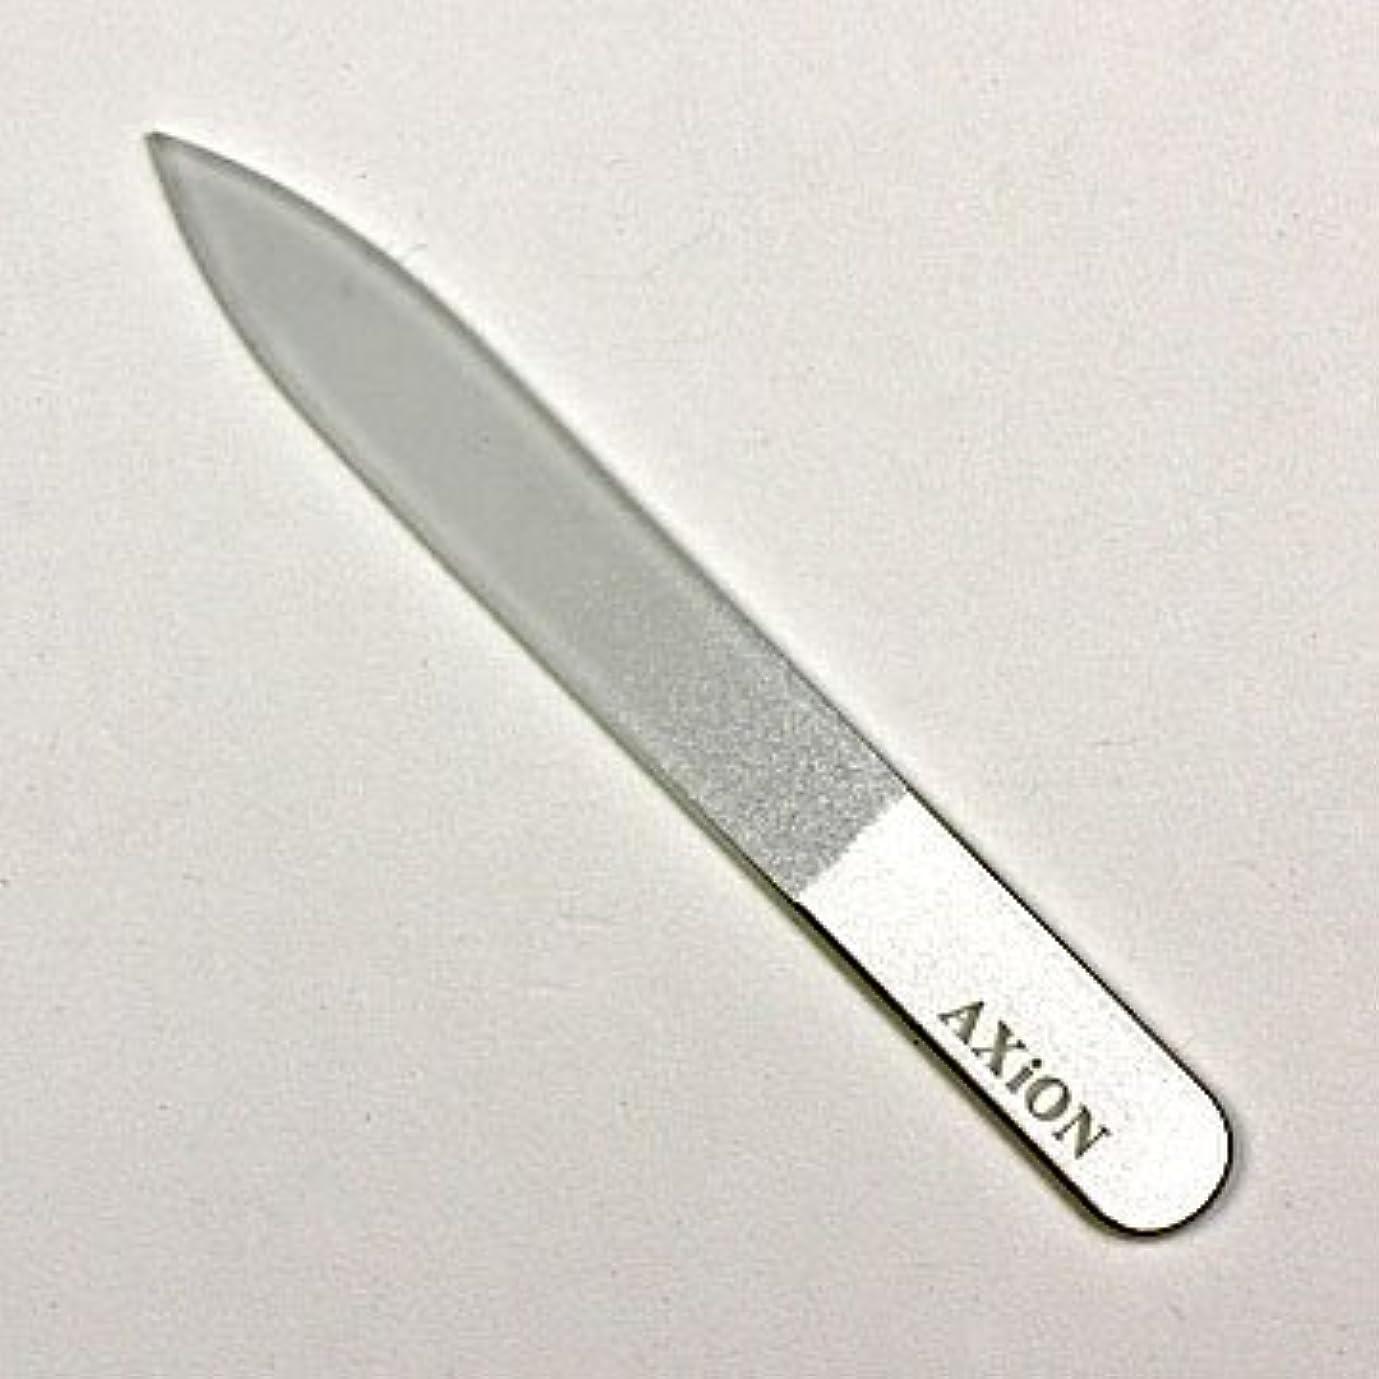 ヘルパーなかなか策定するチェコ製 AXiON(アクシオン)ガラス製爪ヤスリ(シルバー)両面タイプ #slg009565fba